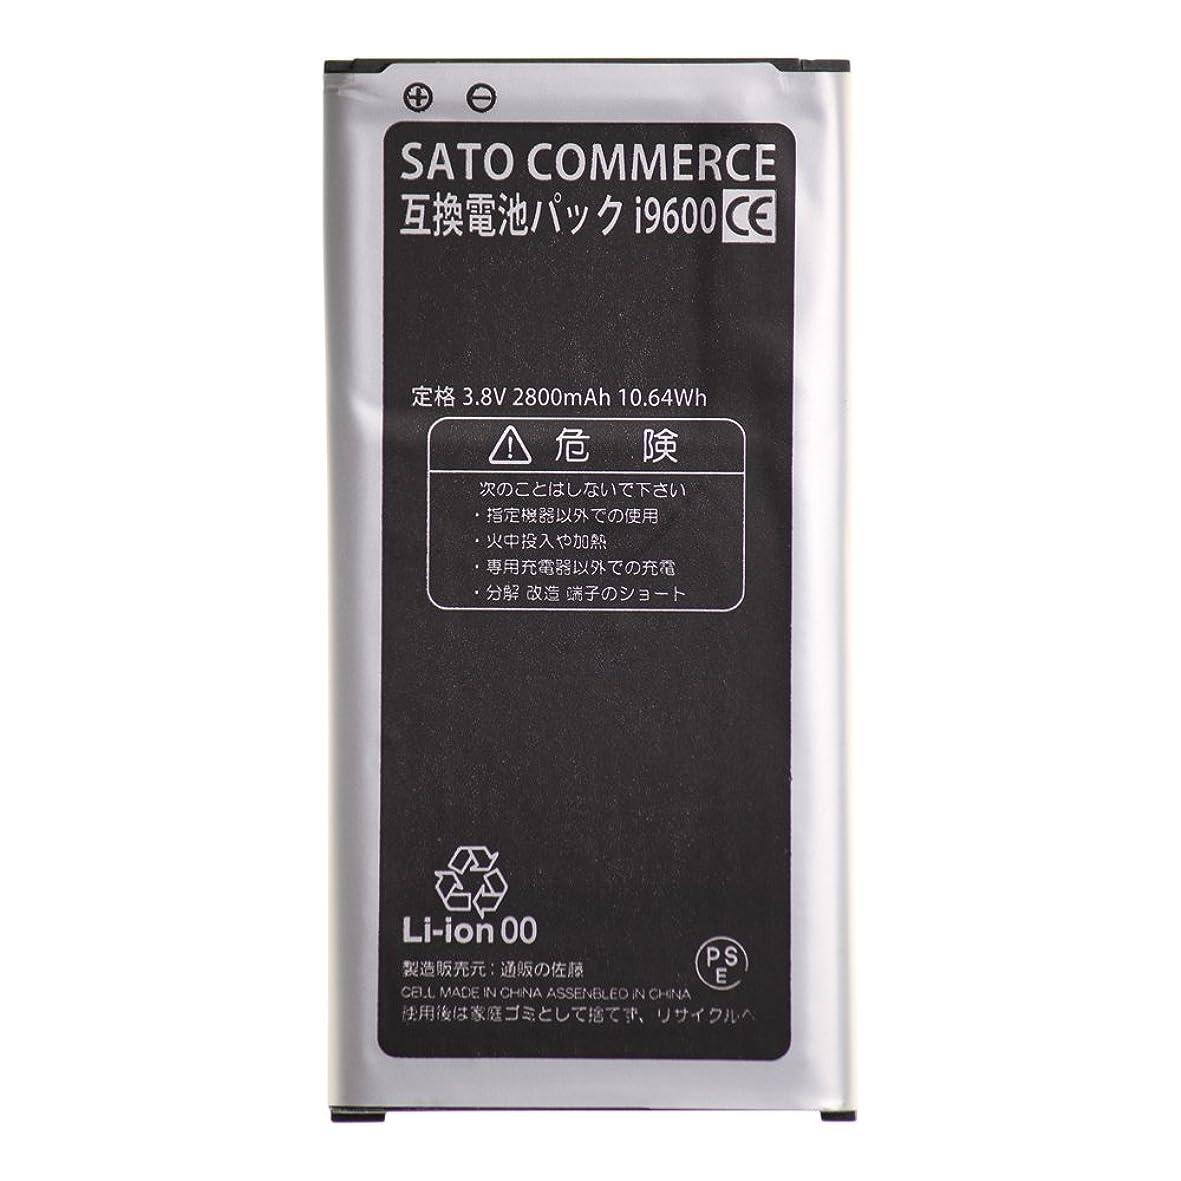 Sato Commerce GALAXY S5 SC13 SCL23UAA 互換バッテリー (SC-04F / SCL23 / i9600 / G900 / G900F / G900I) 3.8V 2800mAh